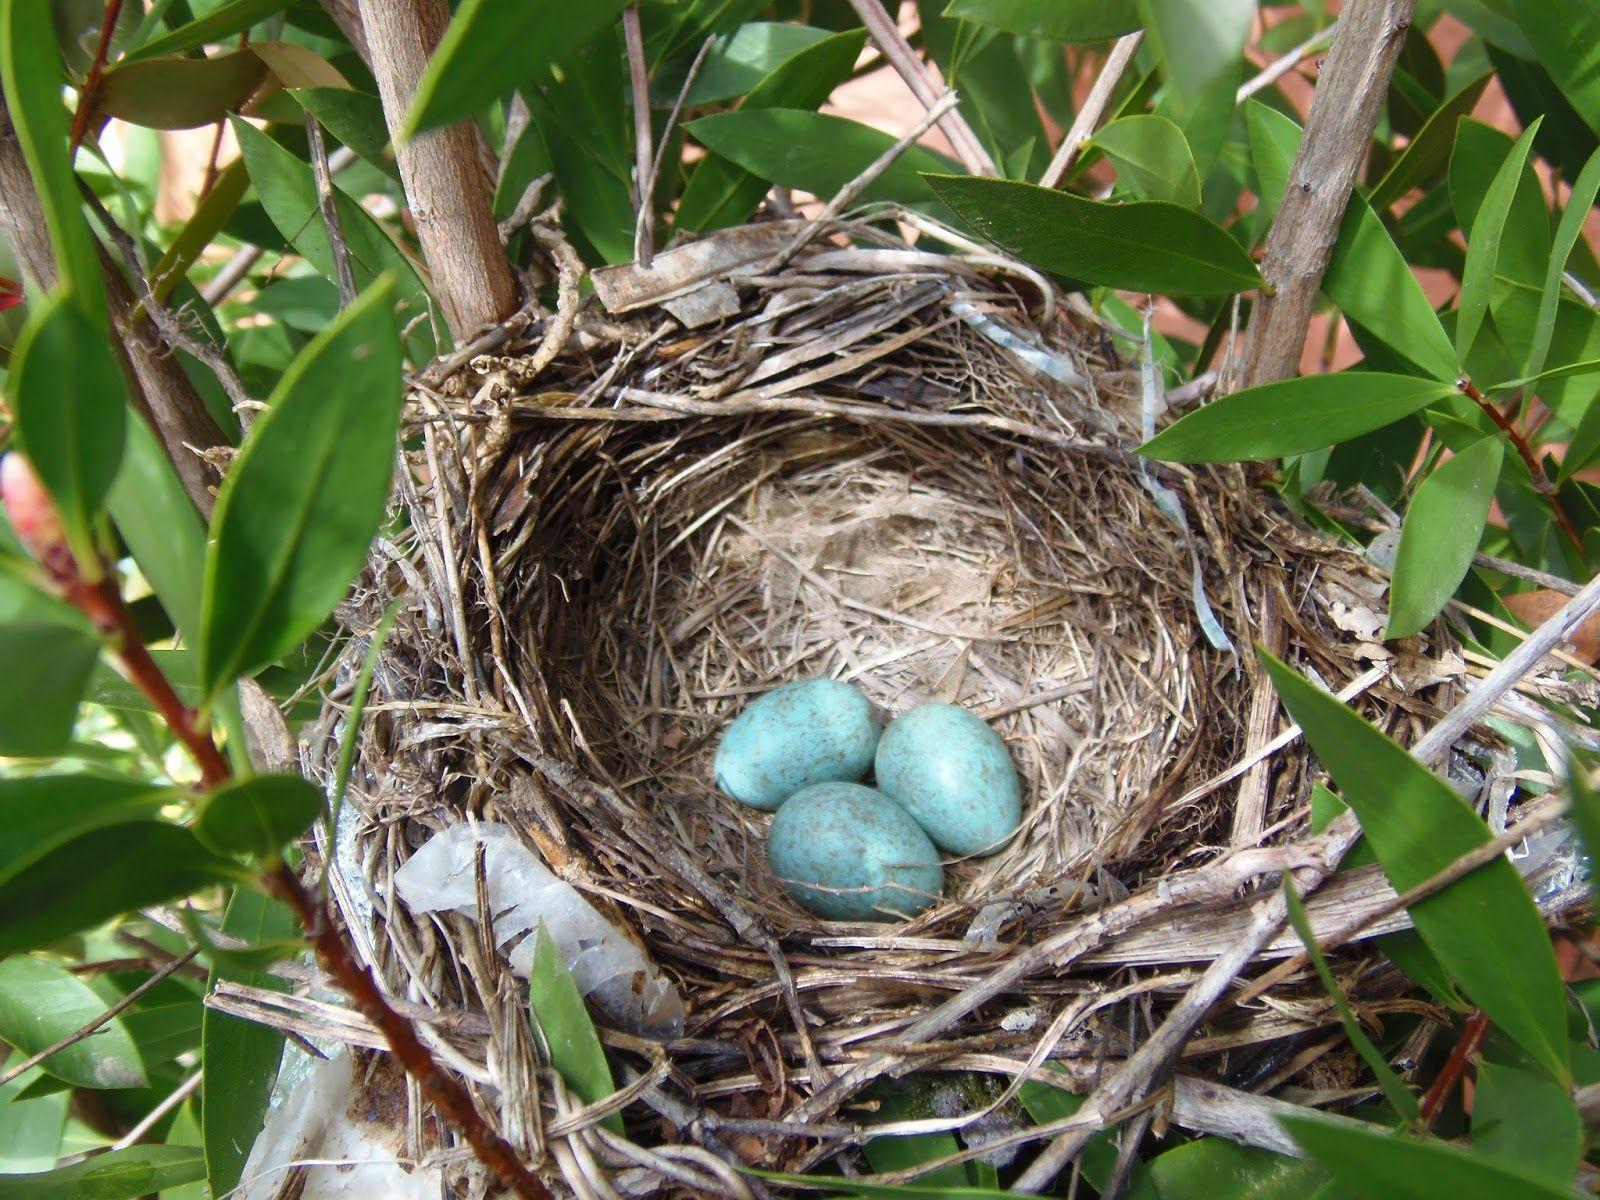 птицы их птенцы и гнезда картинки него появляется возможность